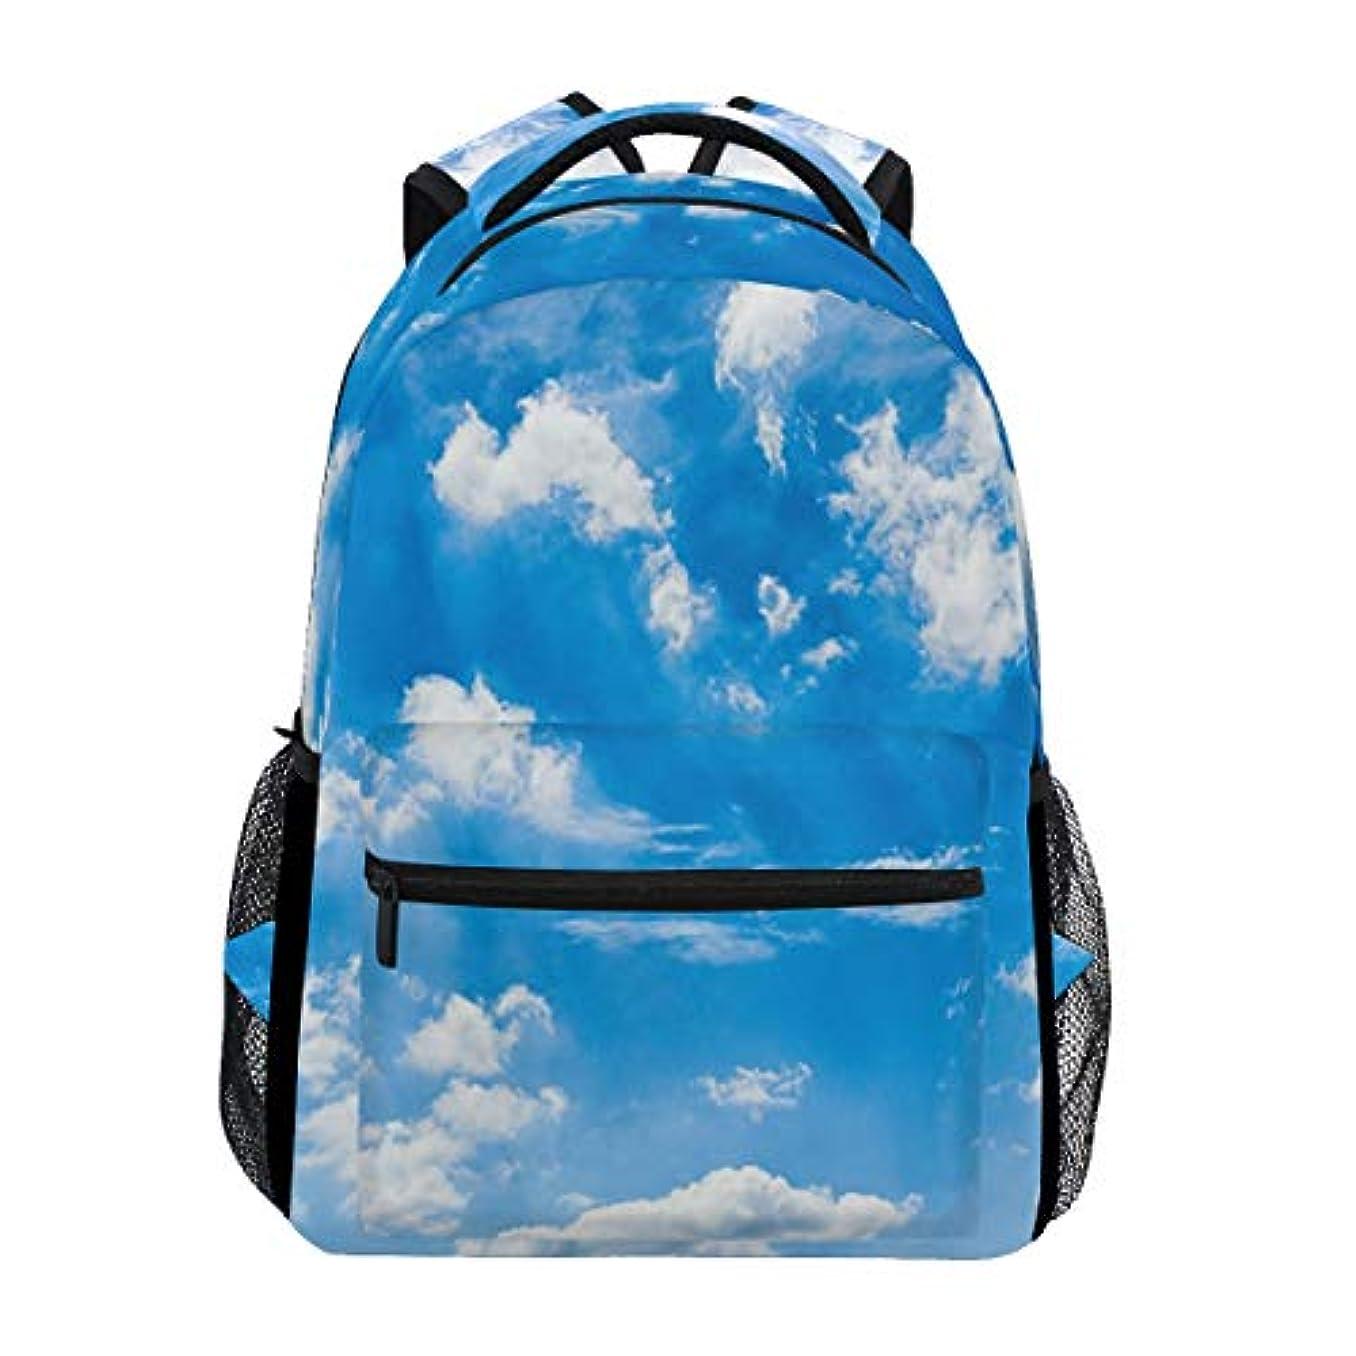 晩ごはん繕うアパートAnmumi リュックサック 学生 リュック 高校生 レディース バックパック 子供 青空 雲 大容量 通学 通勤リュック メンズ デイパック おしゃれ 人気 軽量 かわいい